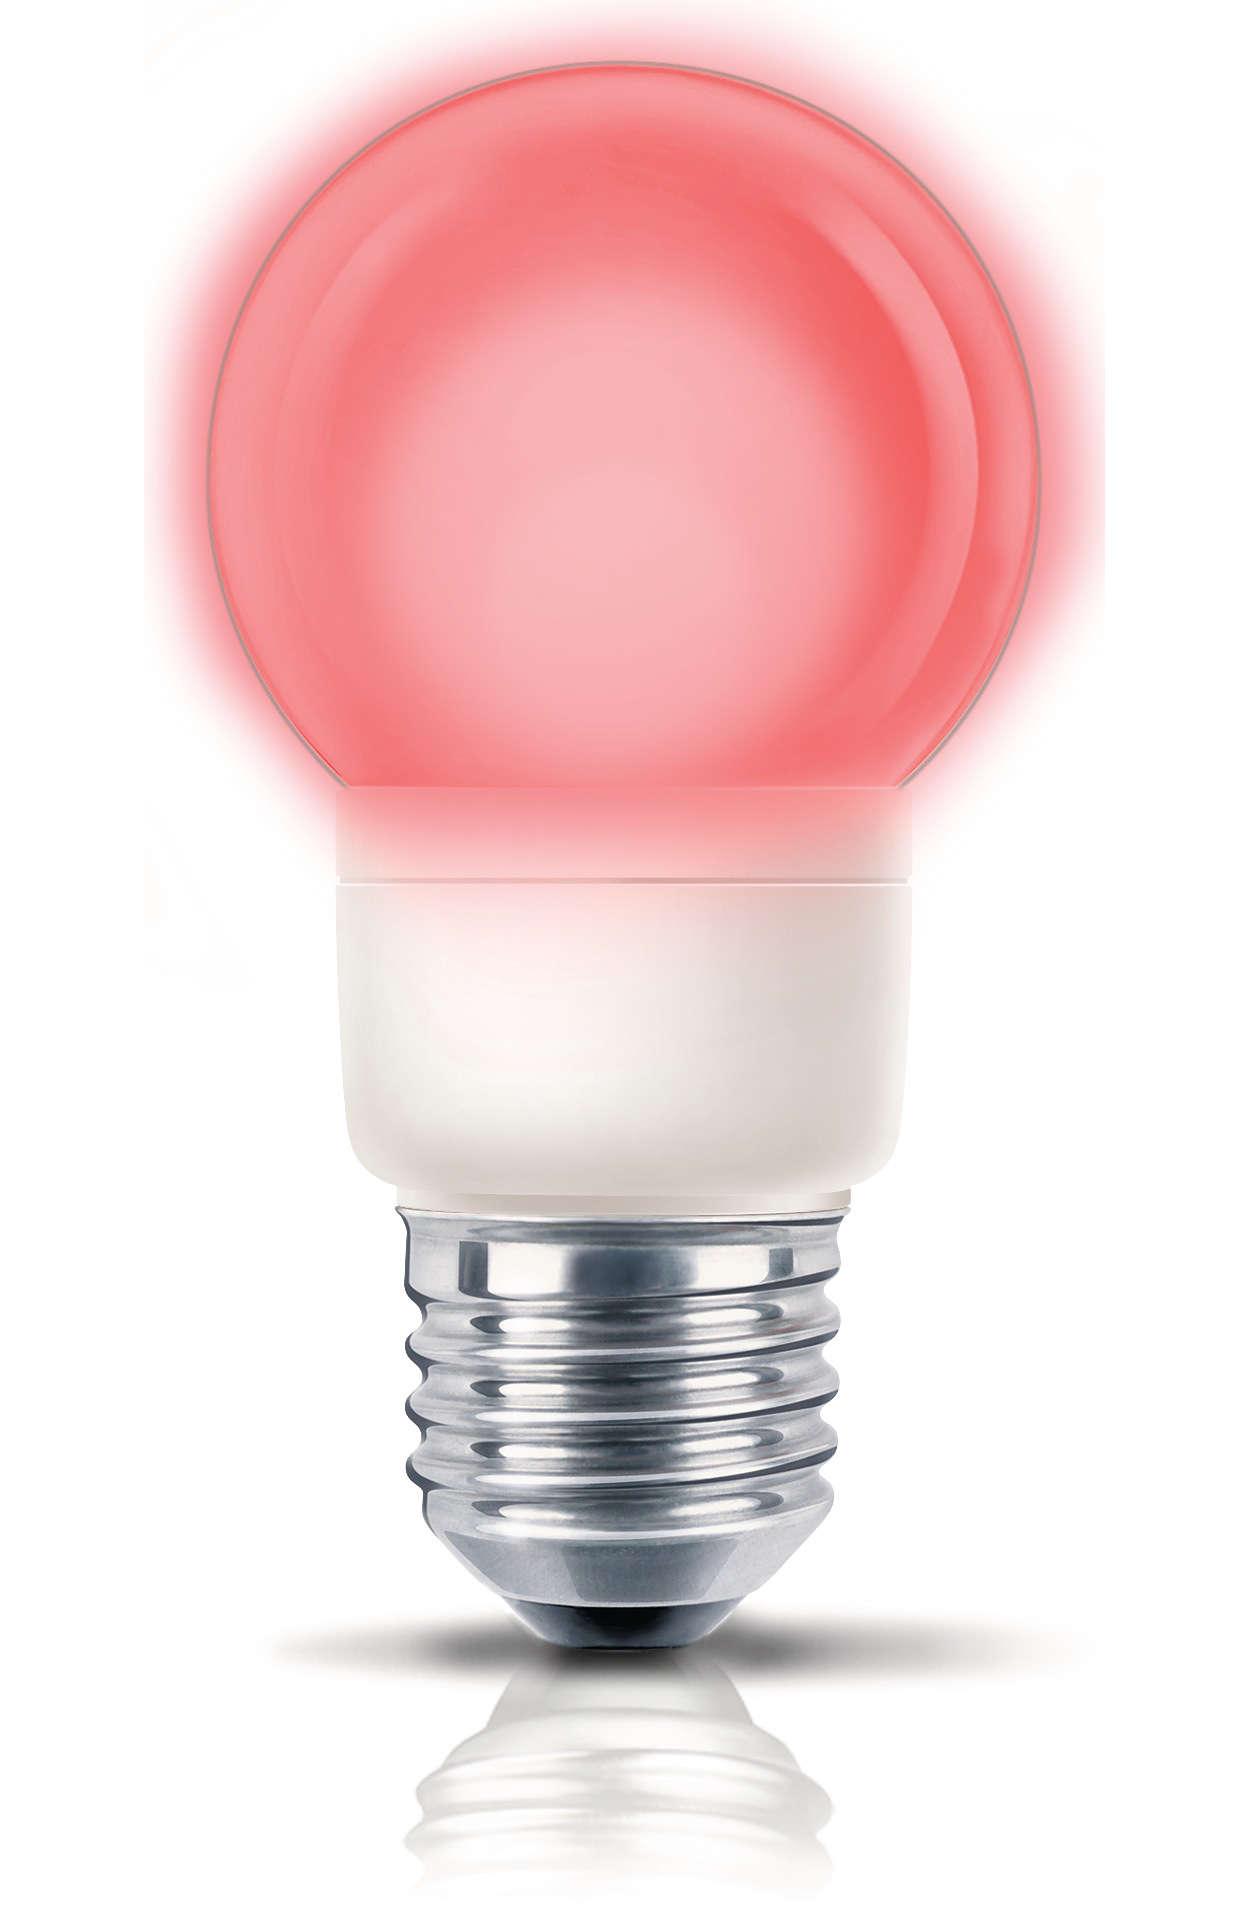 Ζωηρός έγχρωμος φωτισμός